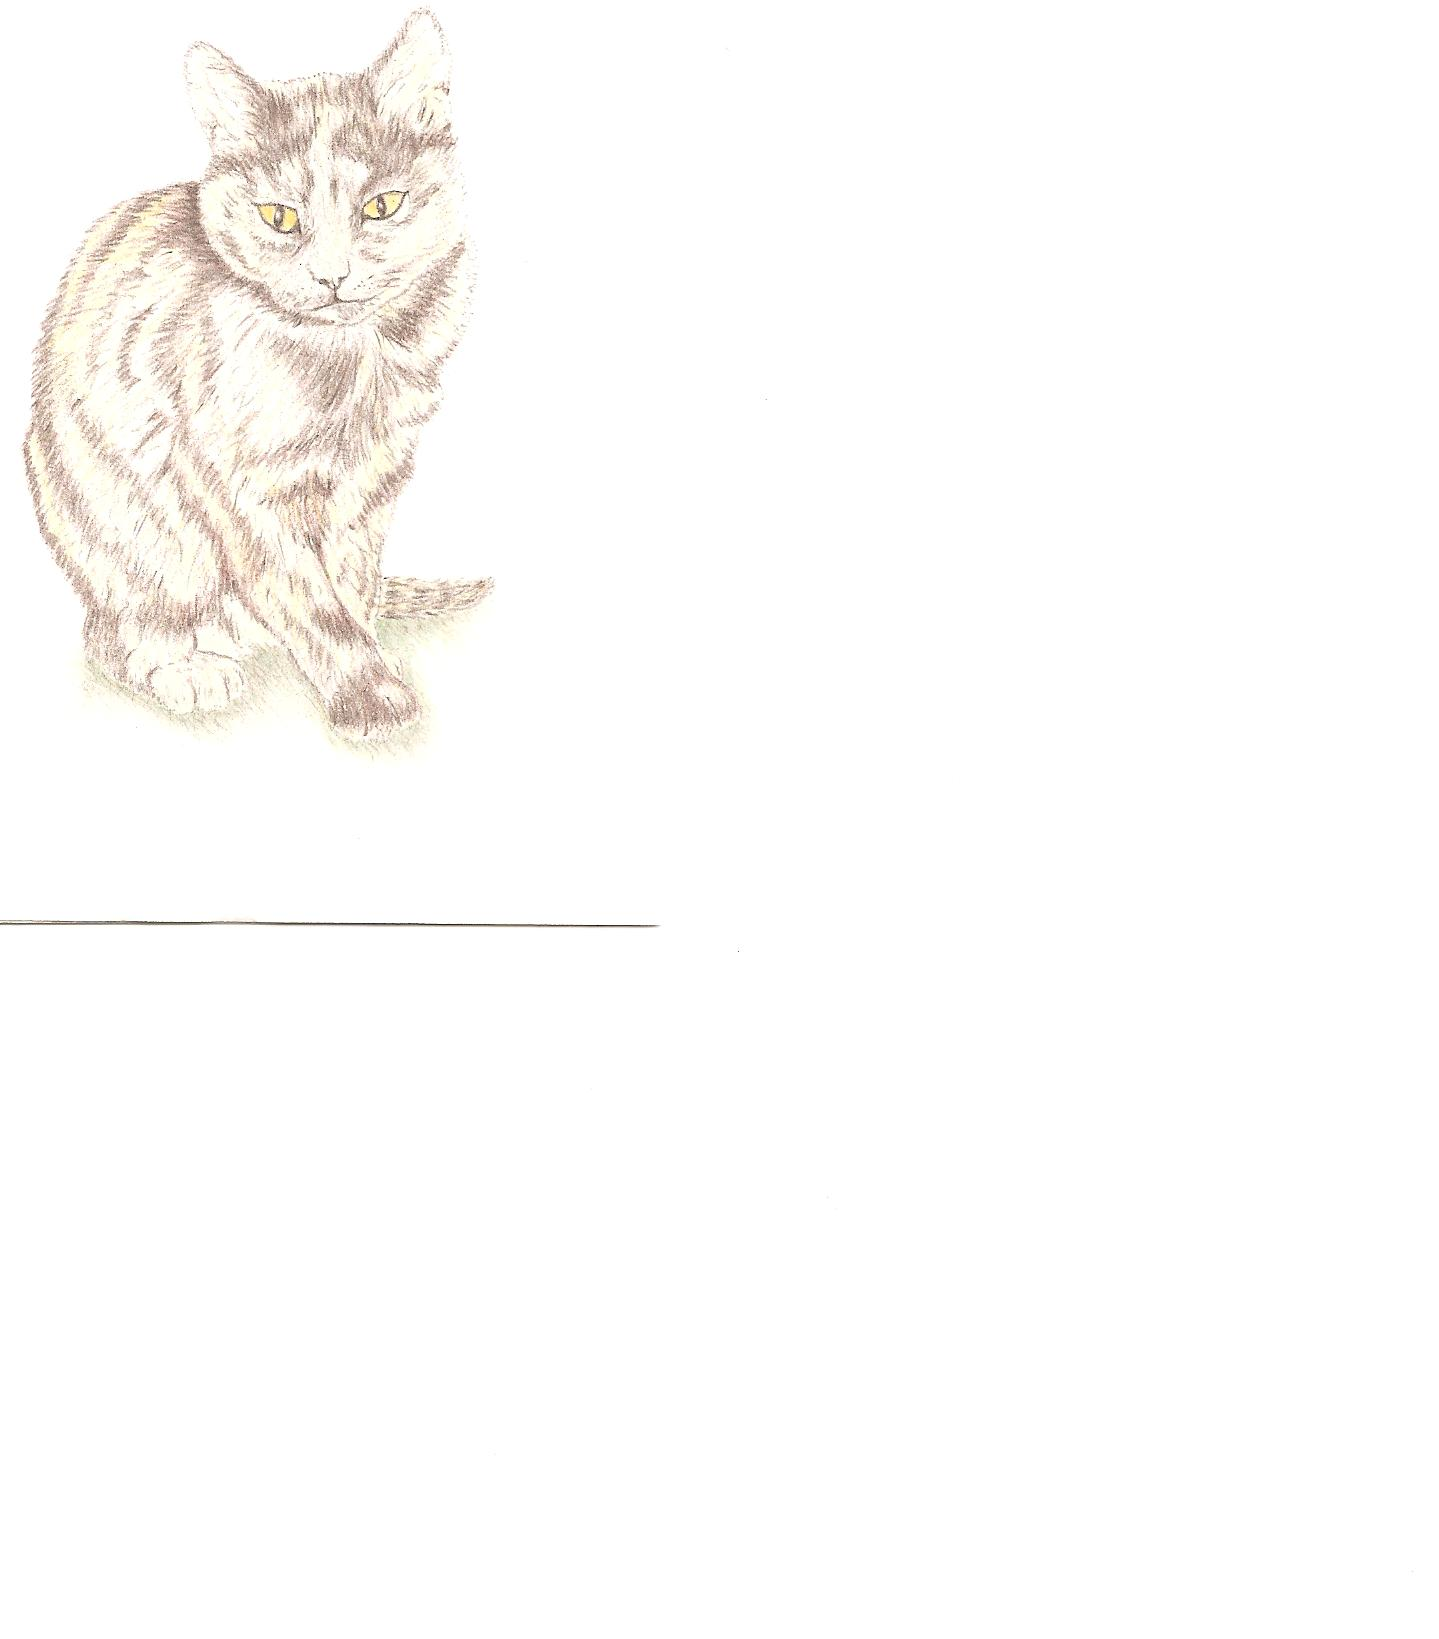 Karl's kitty.jpg